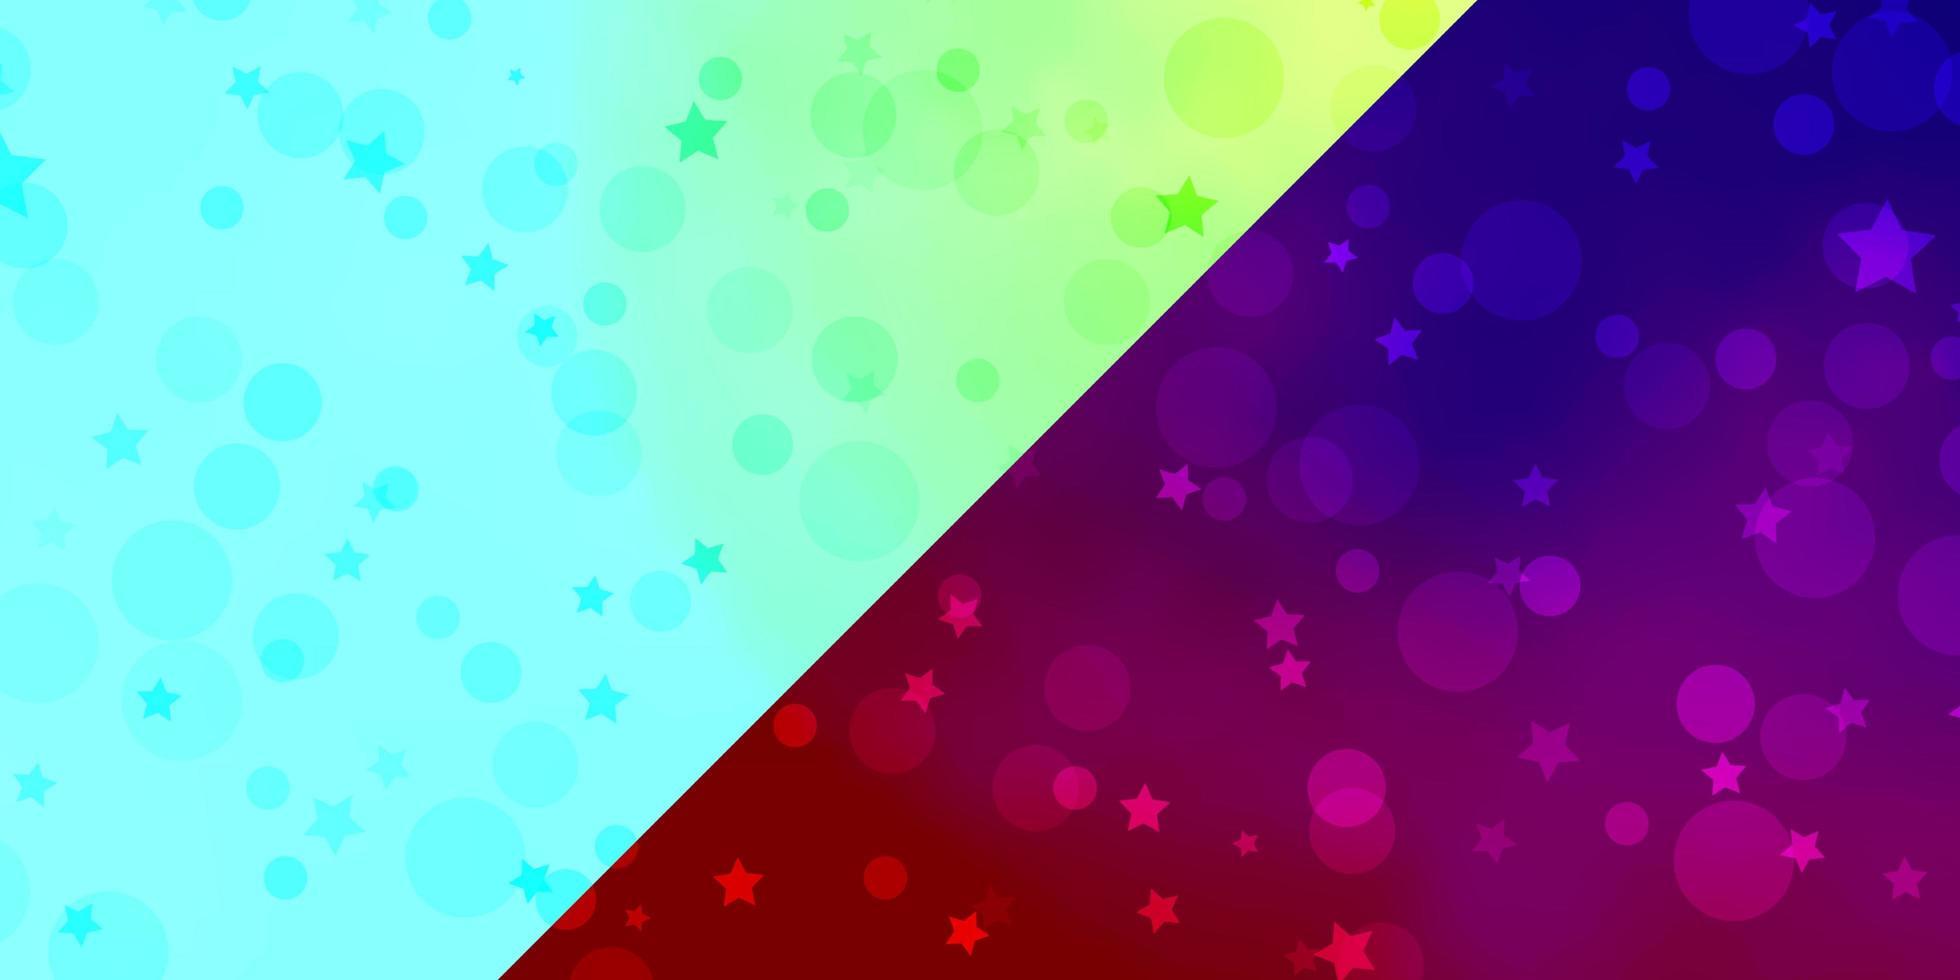 texture con cerchi e stelle. vettore